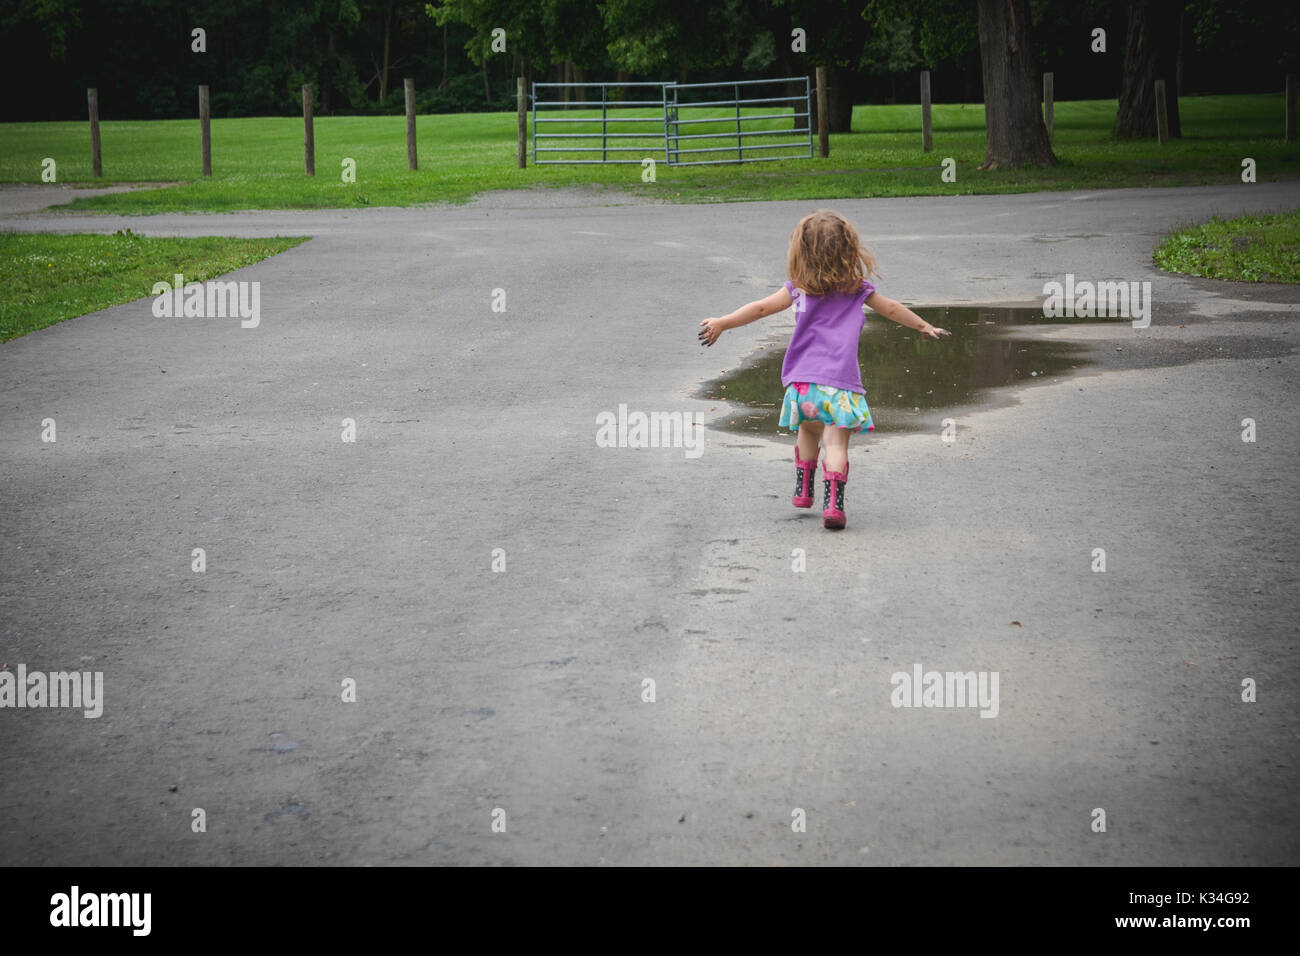 Un niño niña corre hacia un charco de lodo en un parque. Imagen De Stock